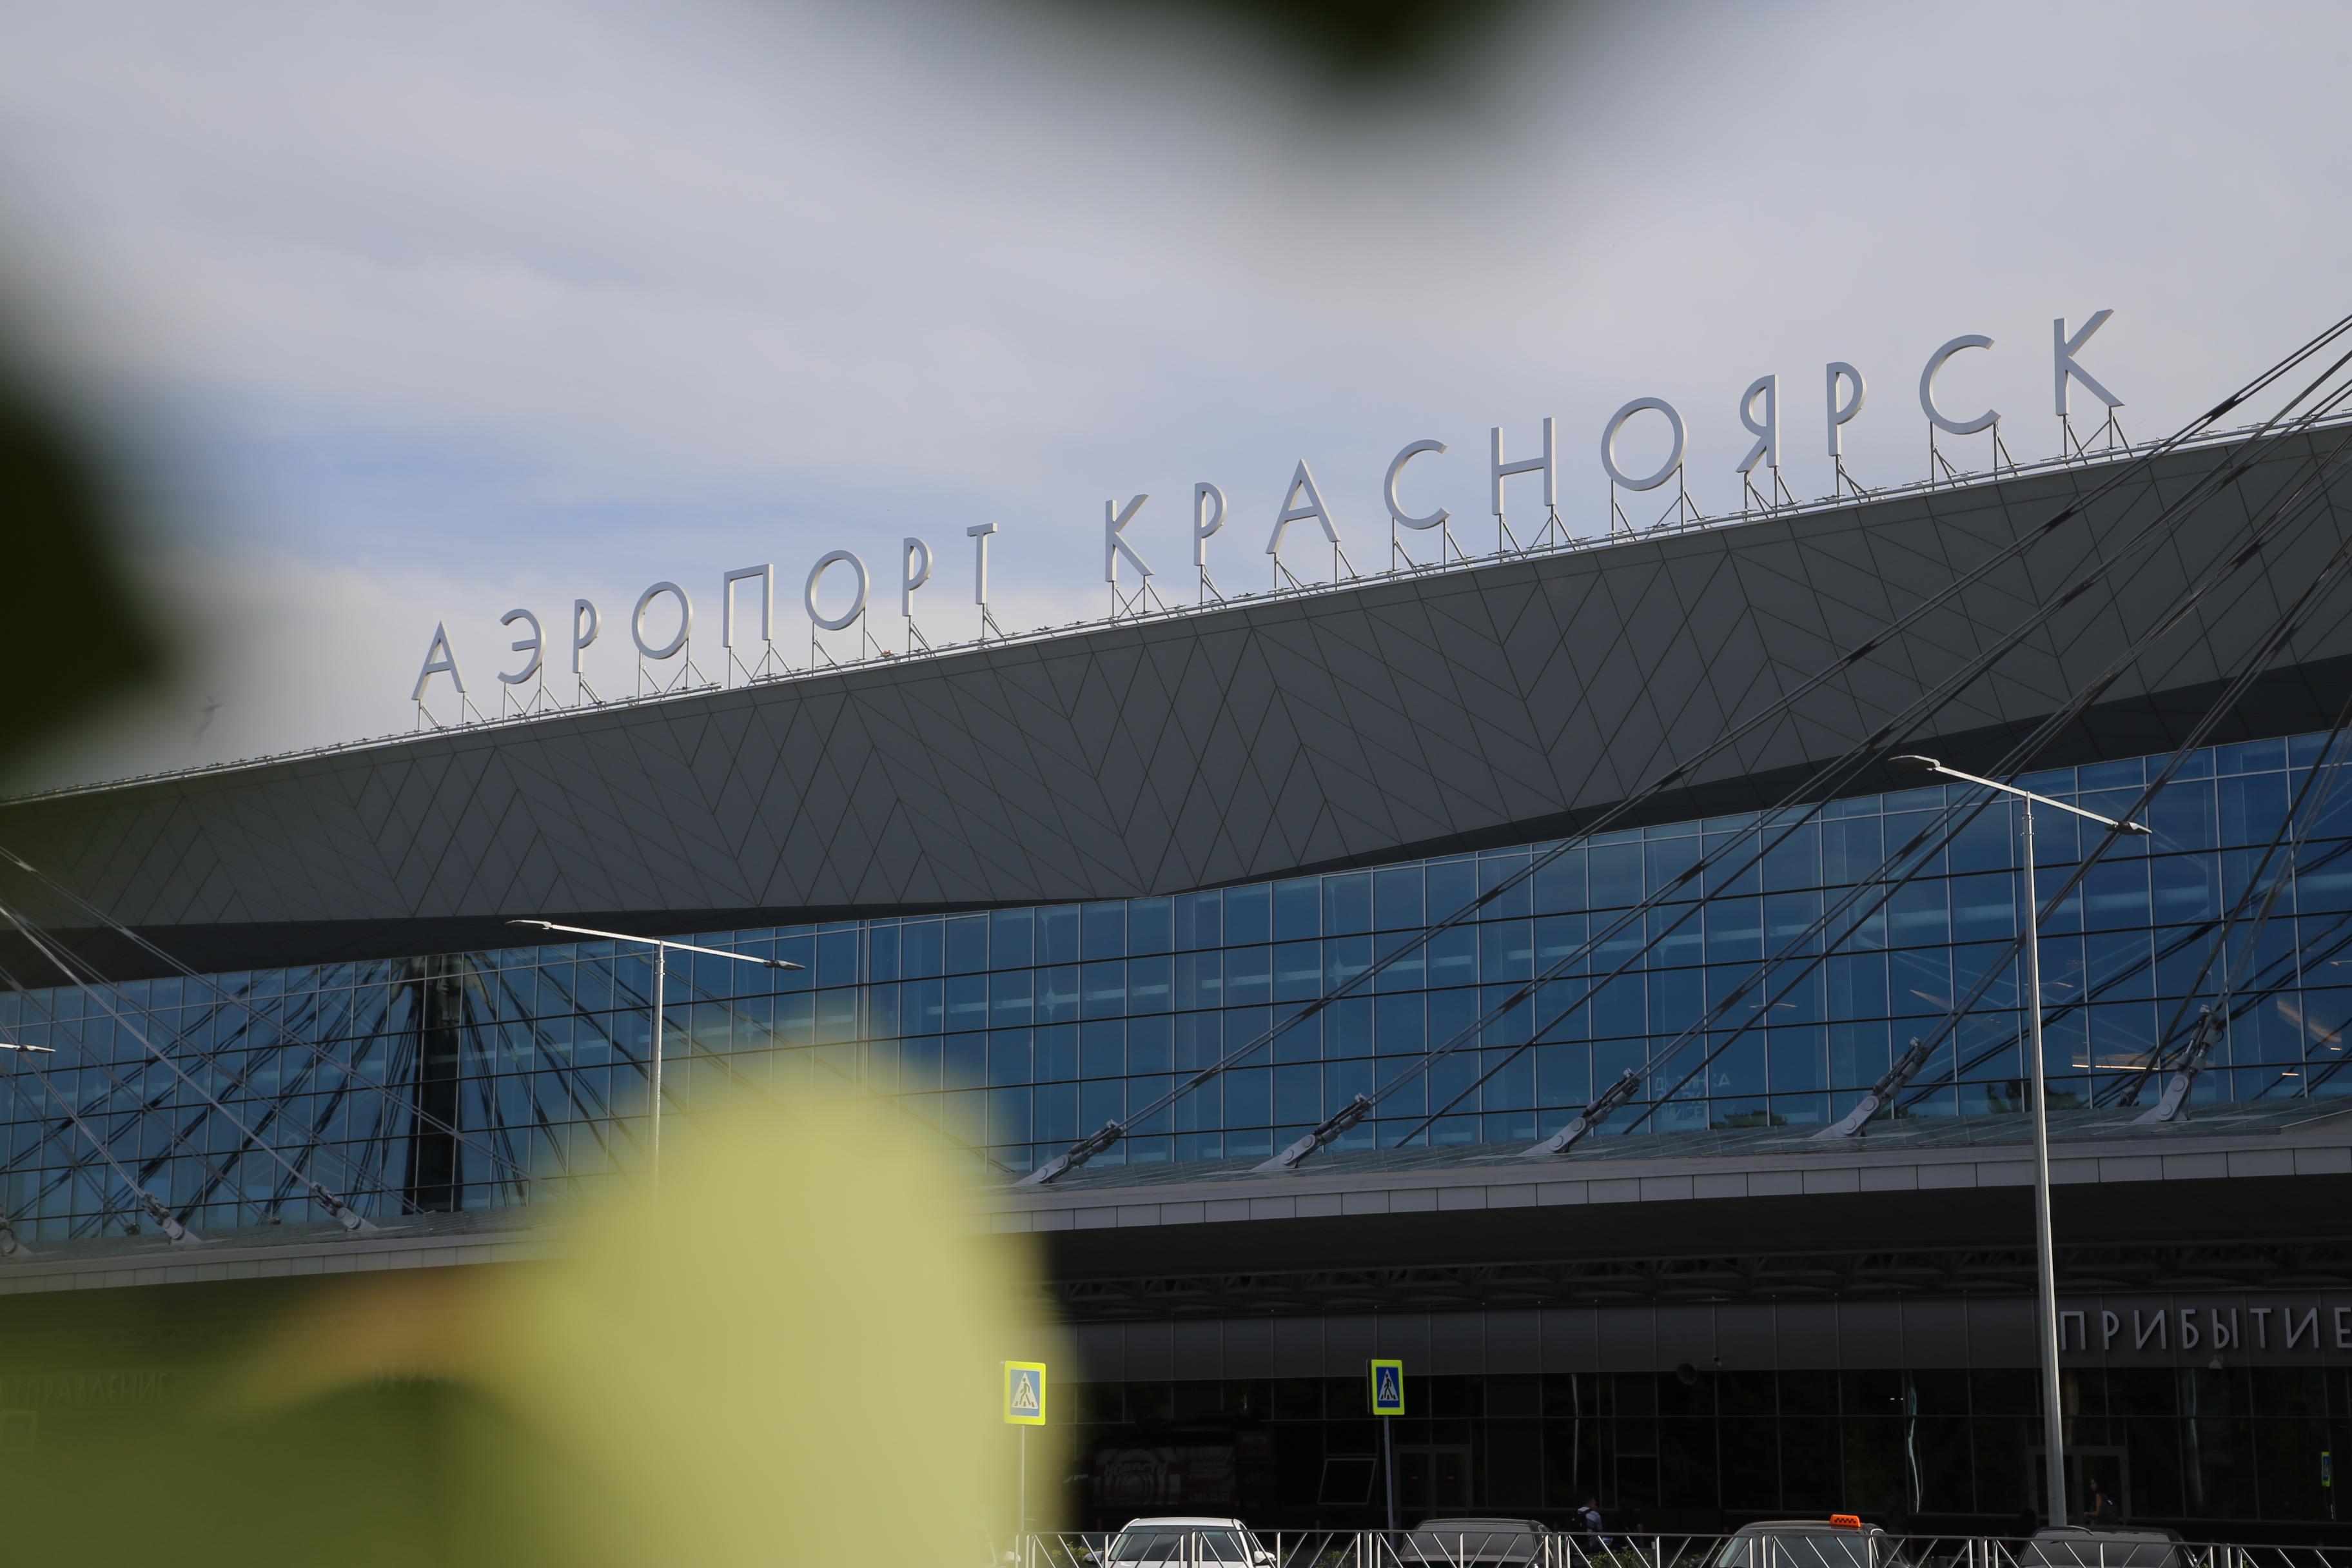 В Красноярске эвакуирован аэропорт